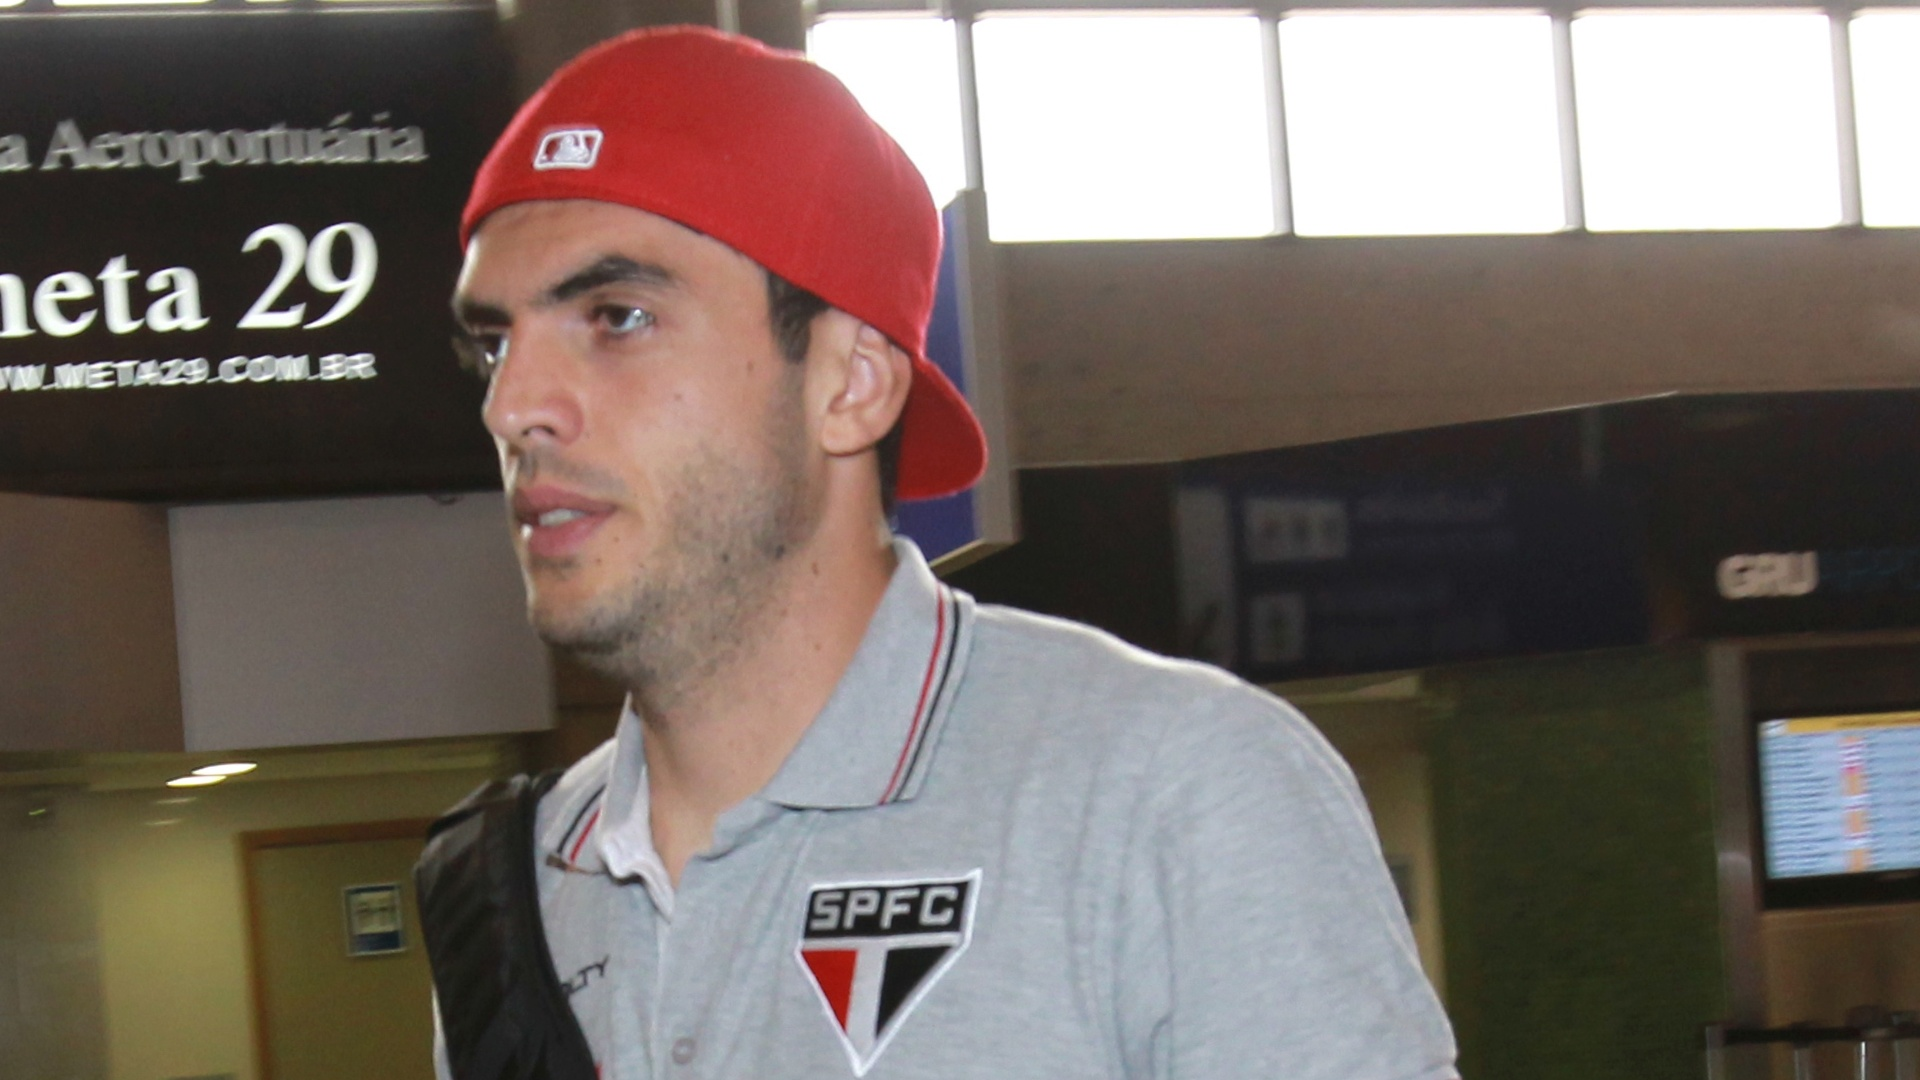 03-04-2013 - Rhodolfo caminha no aeroporto para embarcar para Bolívia